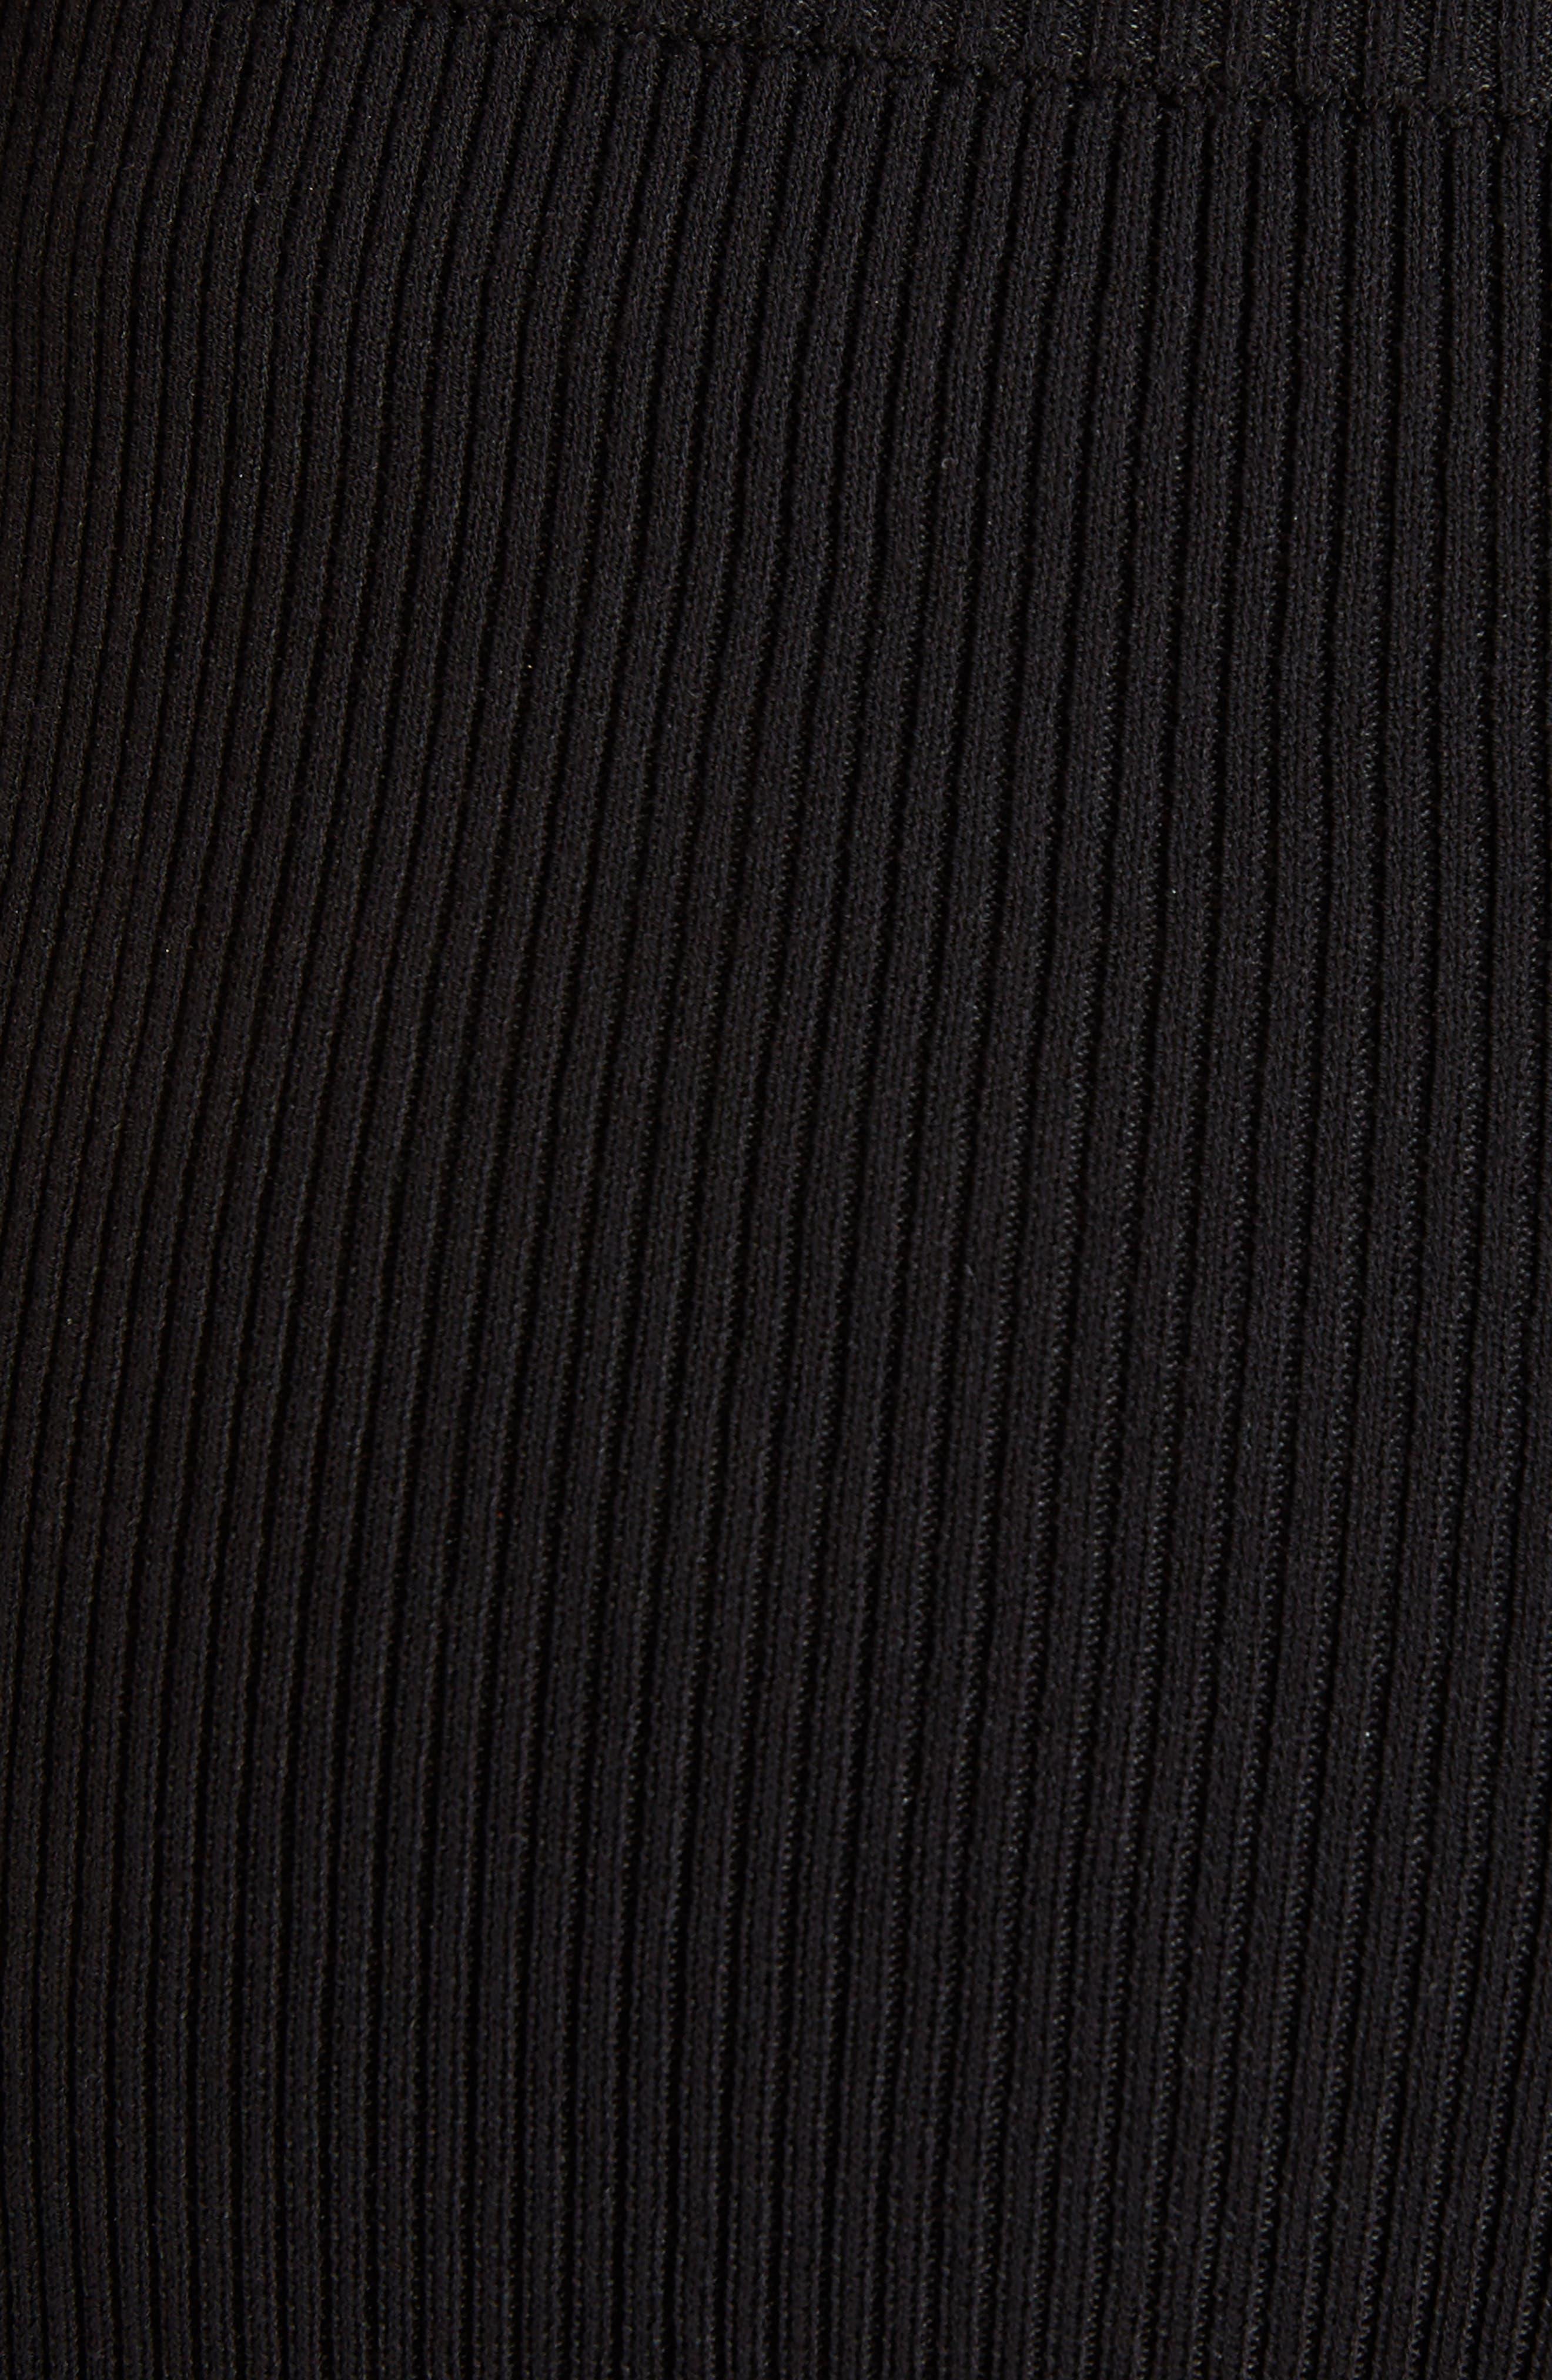 Stretch Knit Midi Skirt,                             Alternate thumbnail 5, color,                             Black